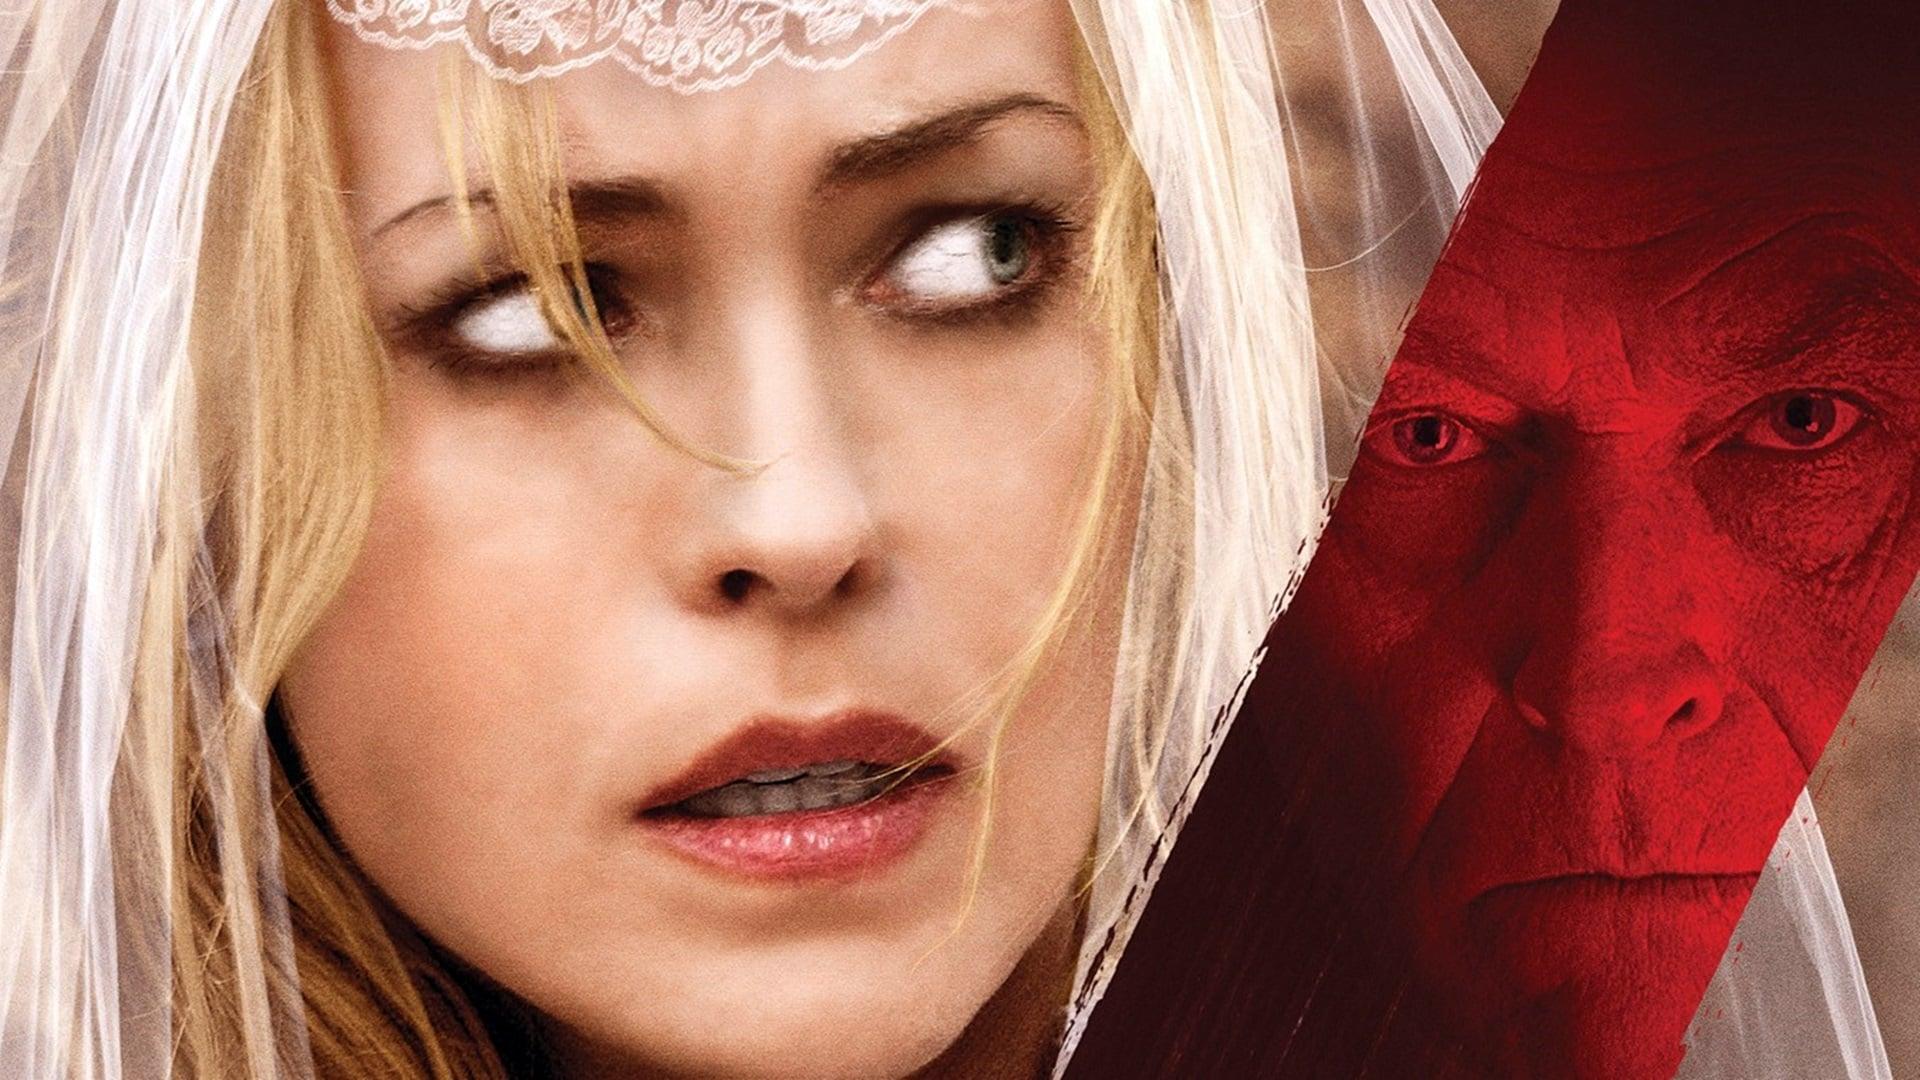 俄國新娘 - Movieffm電影線上看